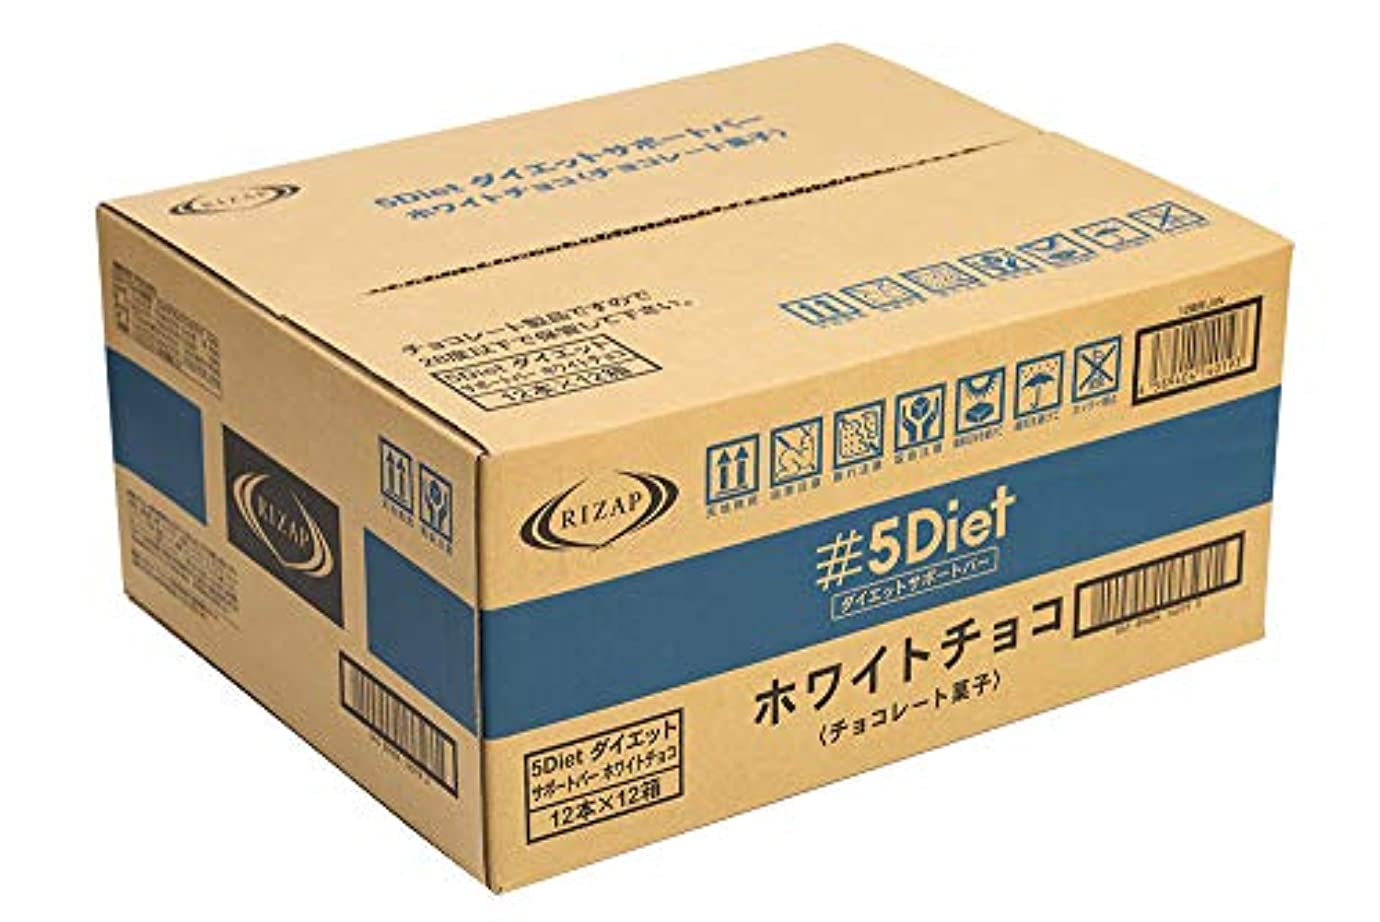 クリーナー溶融赤字【ケース販売】RIZAP 5Diet サポートバー ホワイトチョコレート味 12本入×12箱